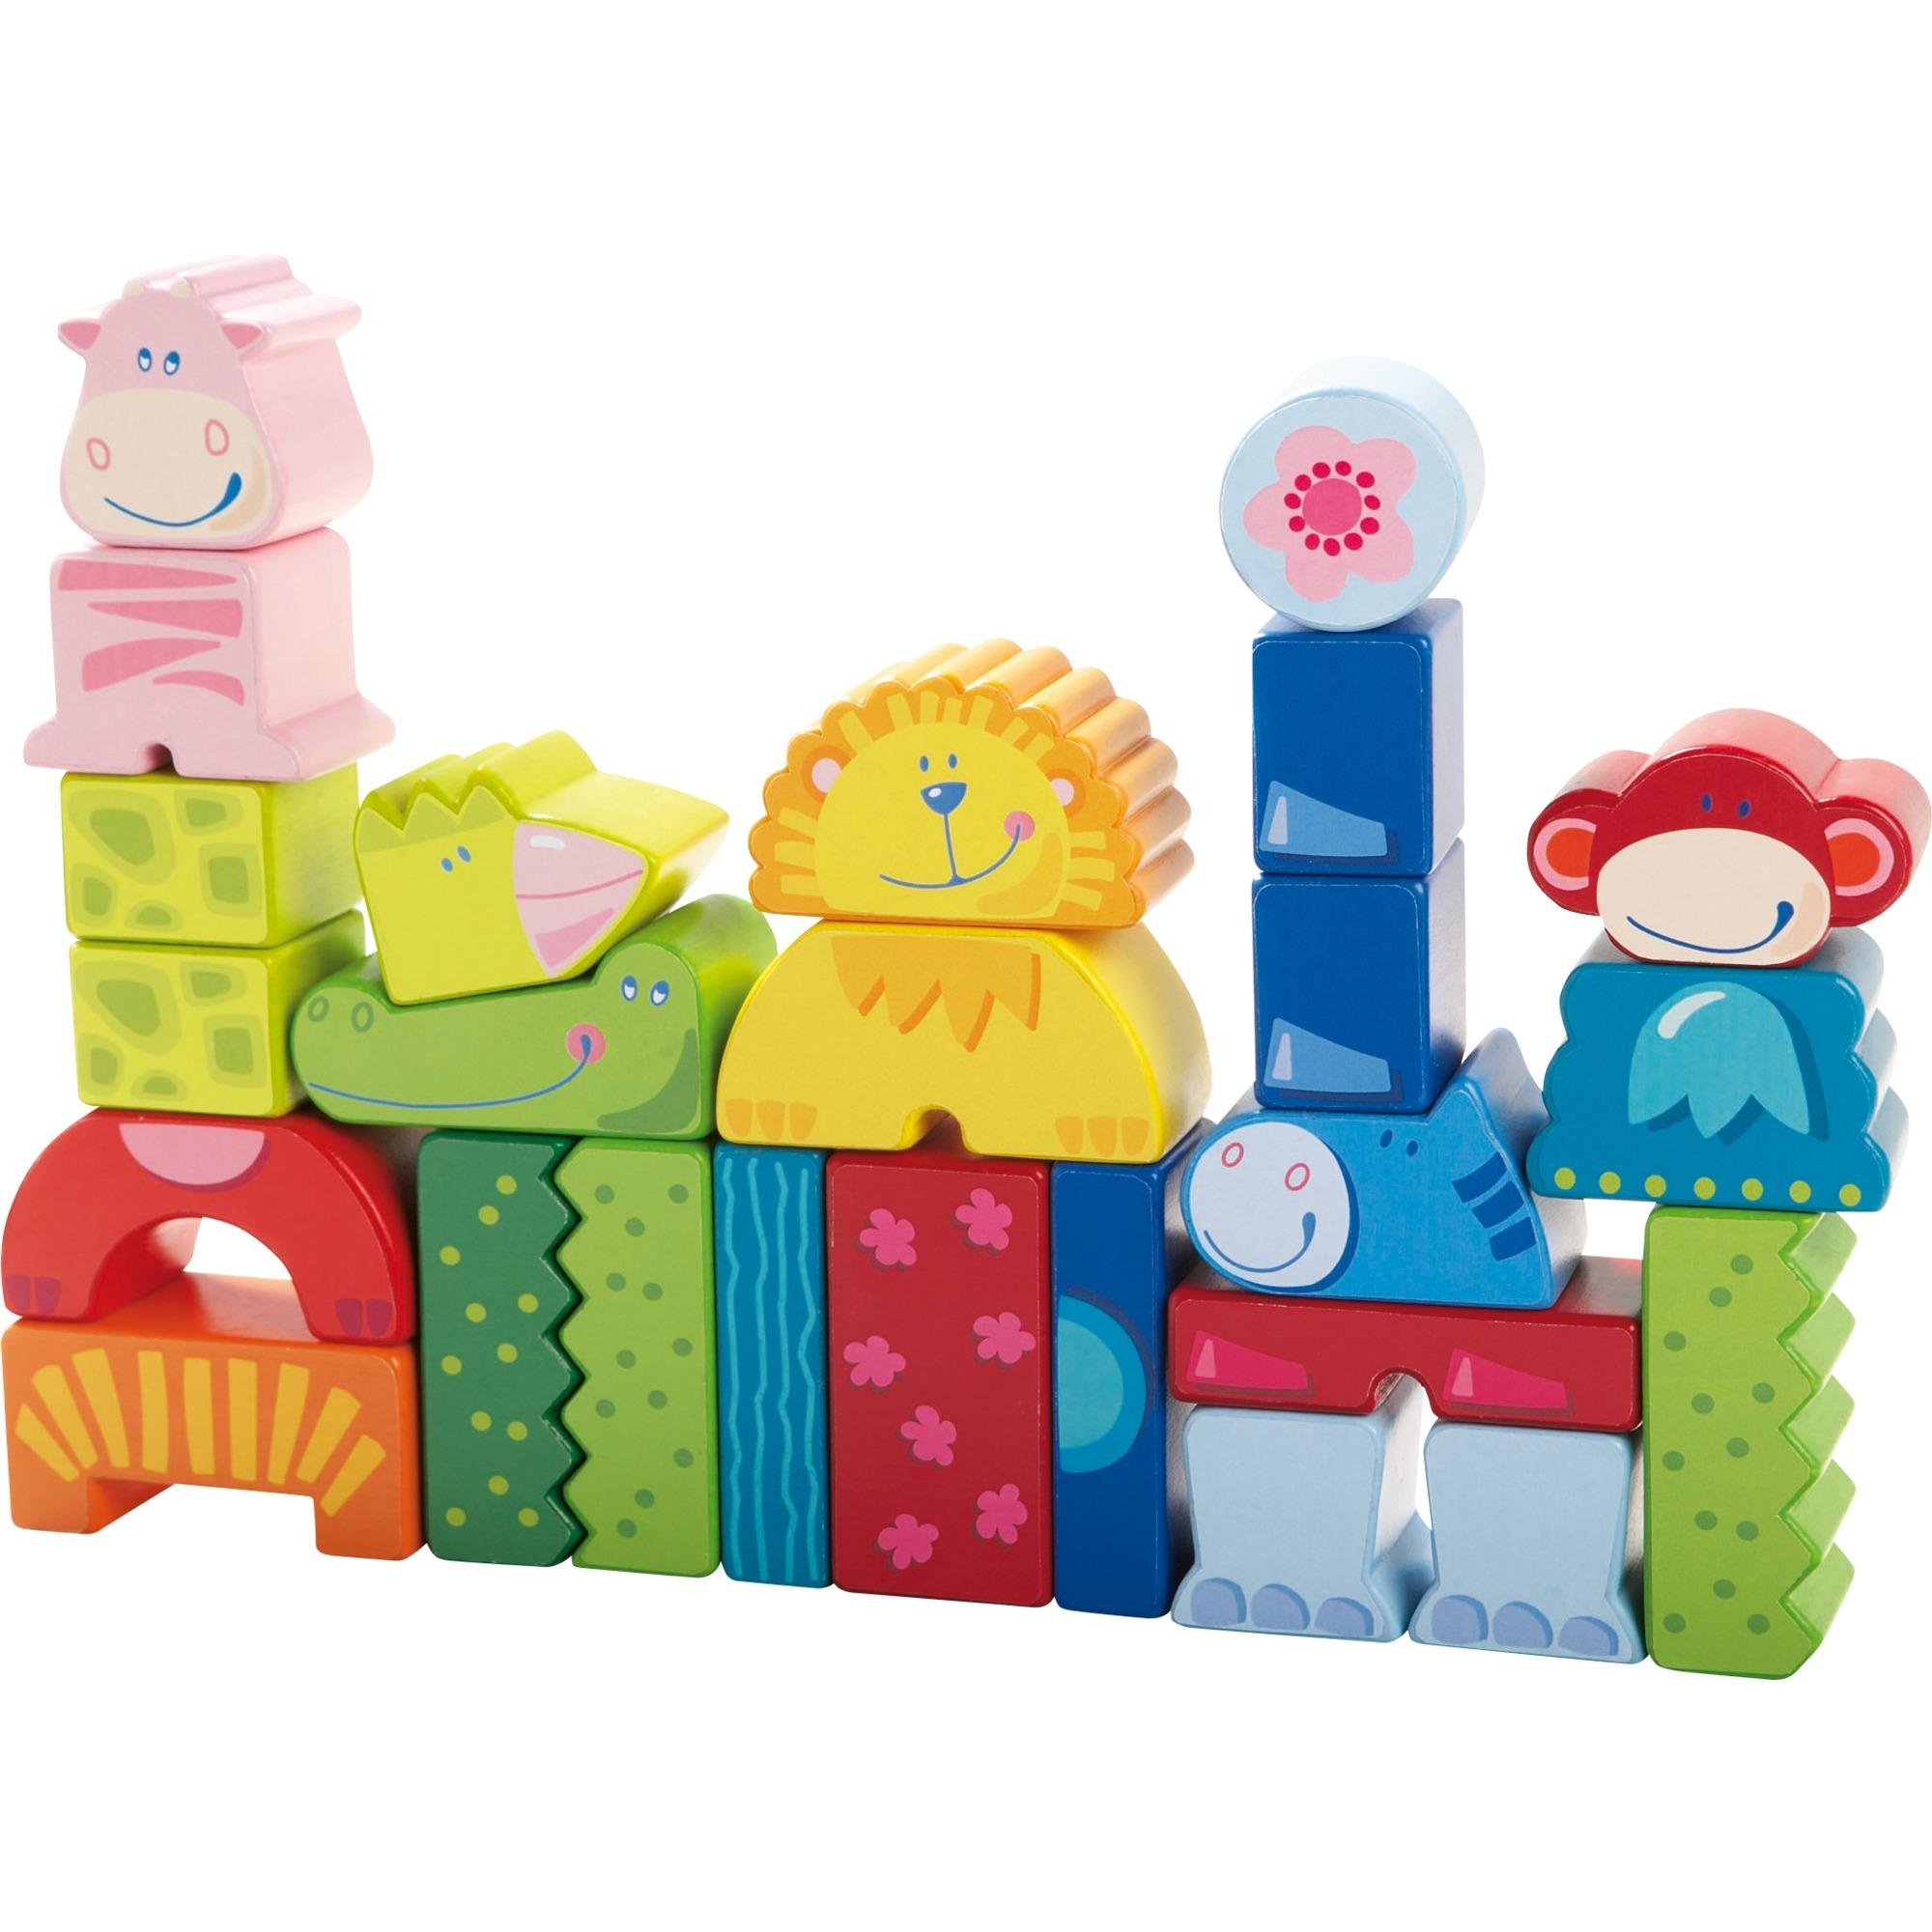 002334 25pieza(s) bloque de construcción de juguete, Bloques de construcción